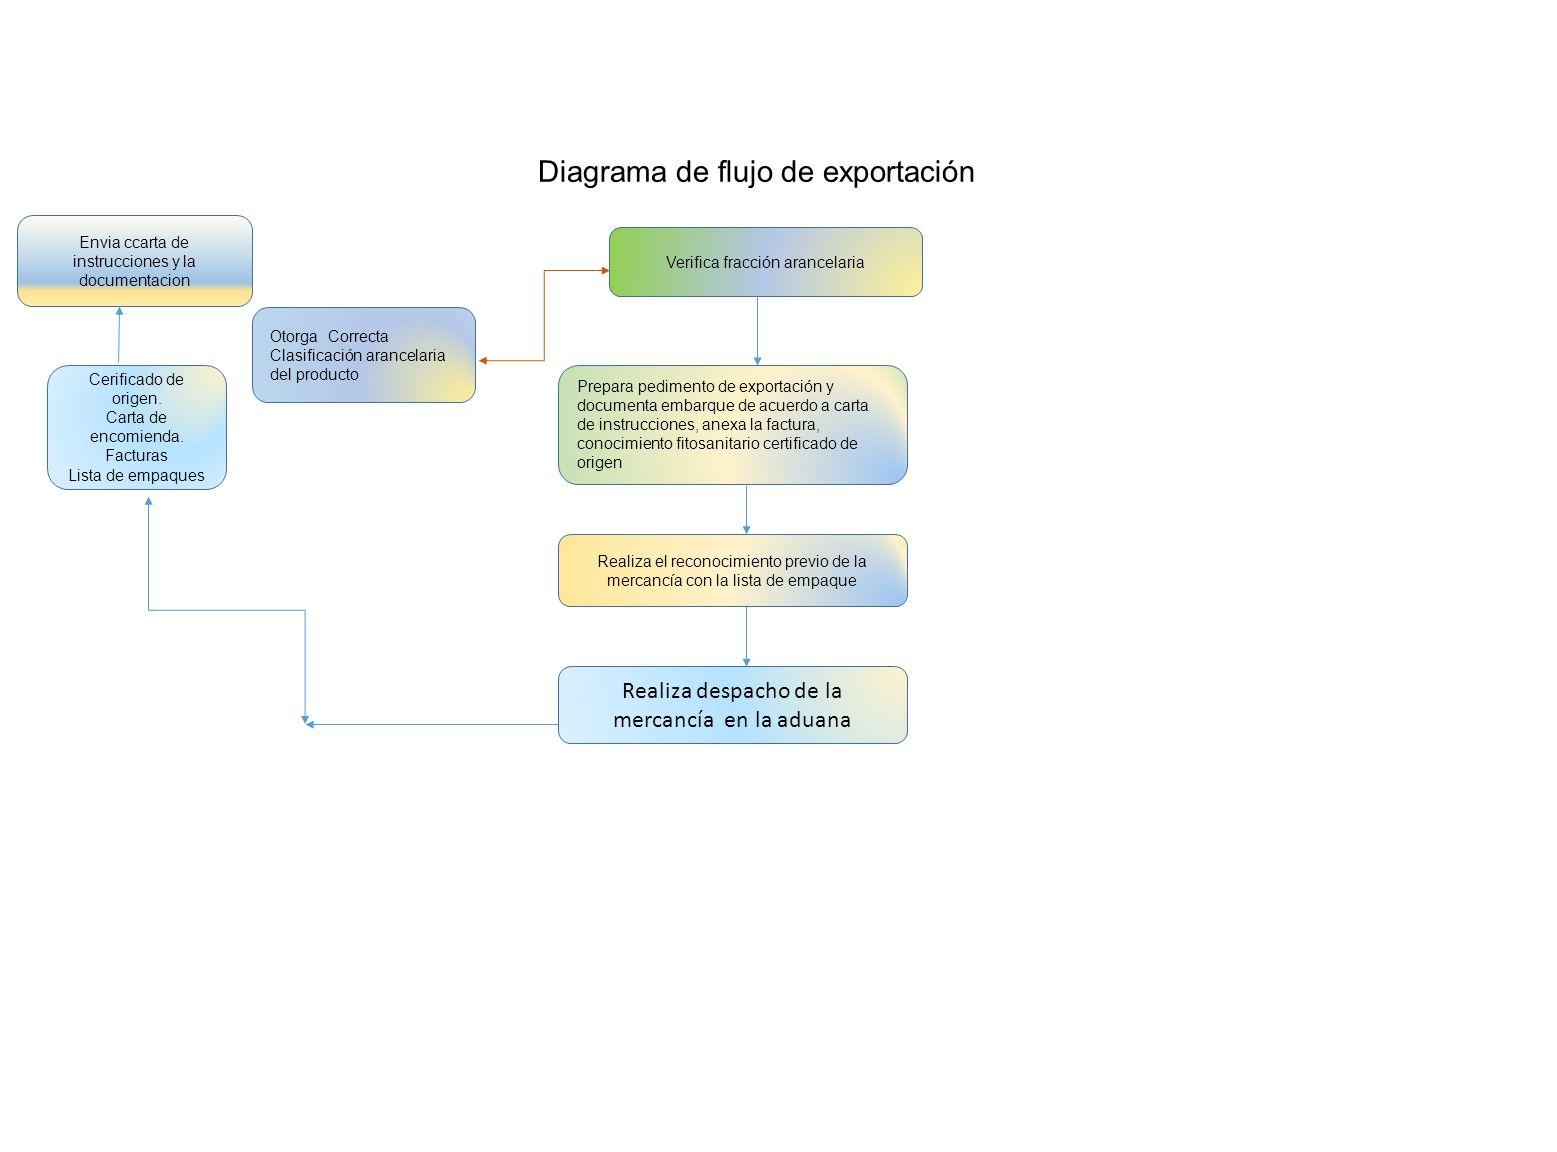 Diagrama de flujo de exportacin envia ccarta de instrucciones y diagrama de flujo de exportacin ccuart Gallery